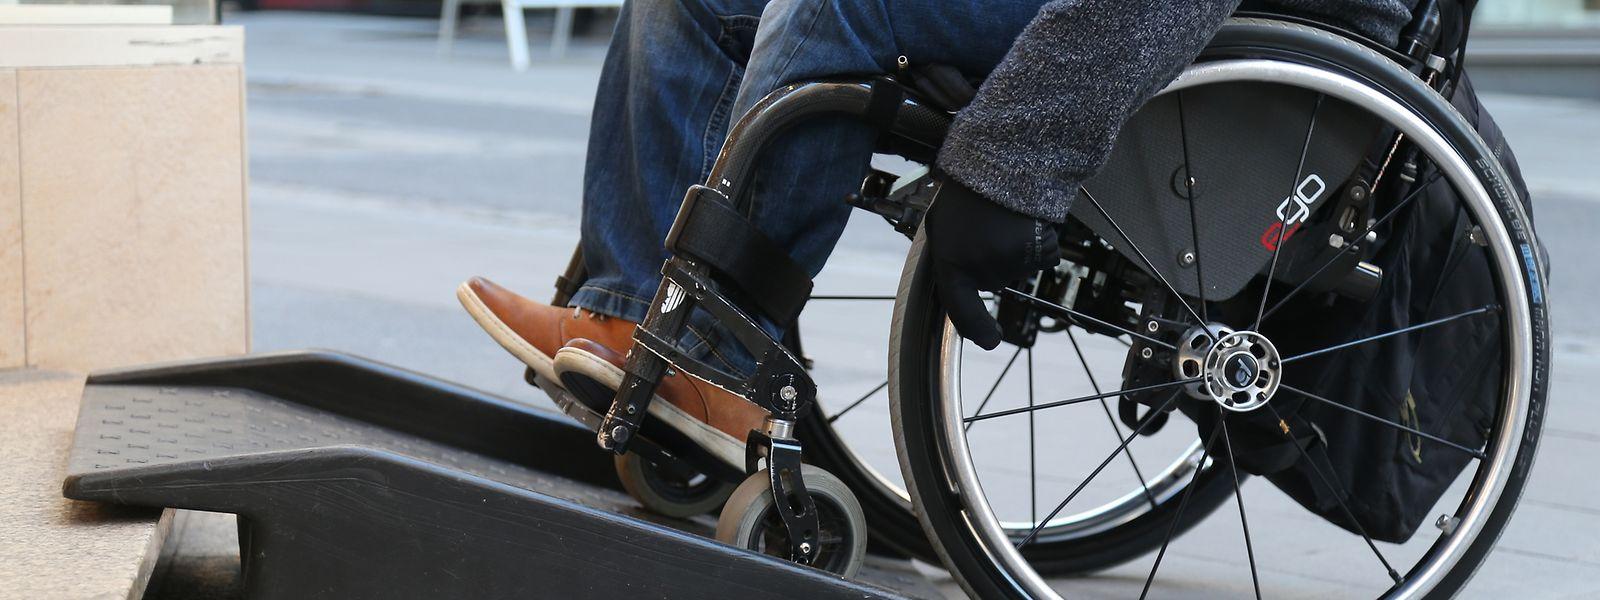 Le projet de loi prévoit des mesures qui pourraient profiter aux utilisateurs de fauteuils roulants ainsi qu'aux personnes ayant d'autres handicaps et aux personnes sans déficience.